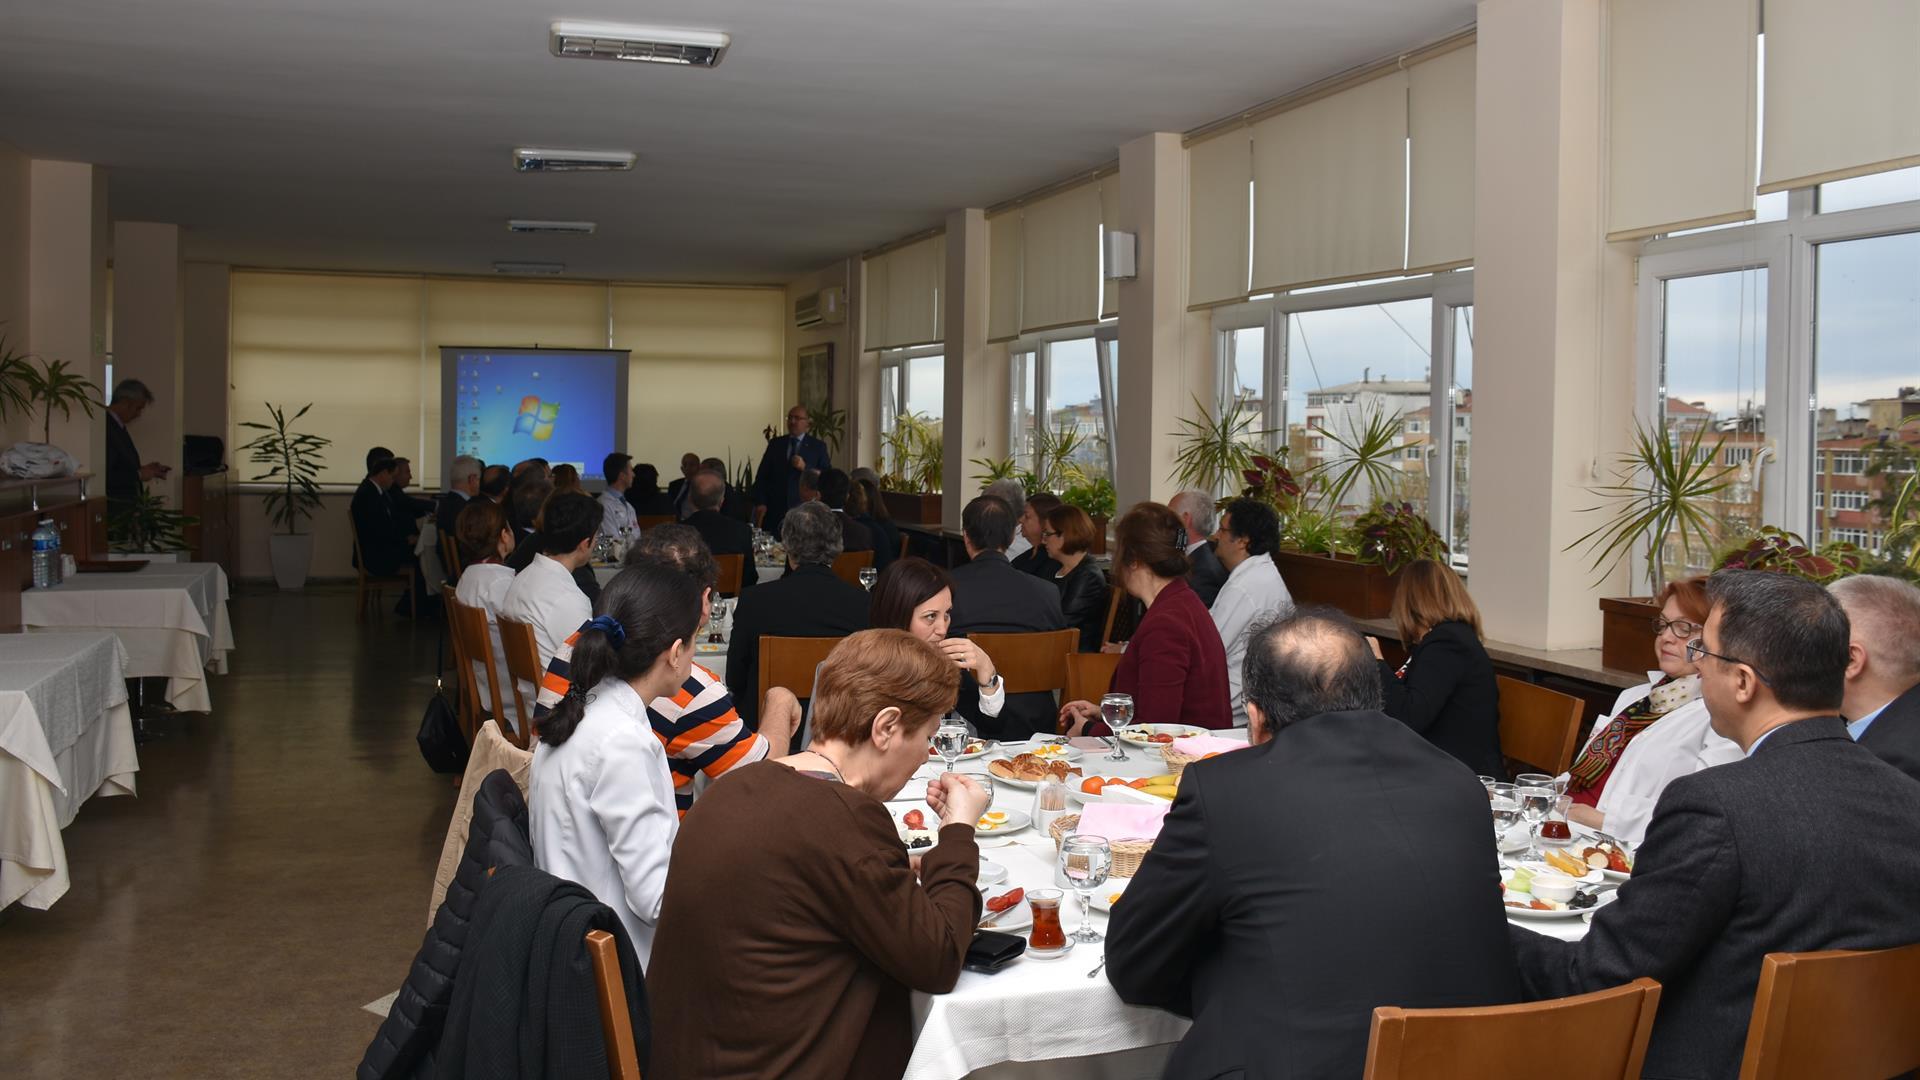 İÜ-Rektörü-Prof.-Dr.-Mahmut-Ak-İÜ-İstanbul-Tıp-Fakültesi-Öğretim-Üyeleri-İle-Toplantı-Gerçekleştirdi